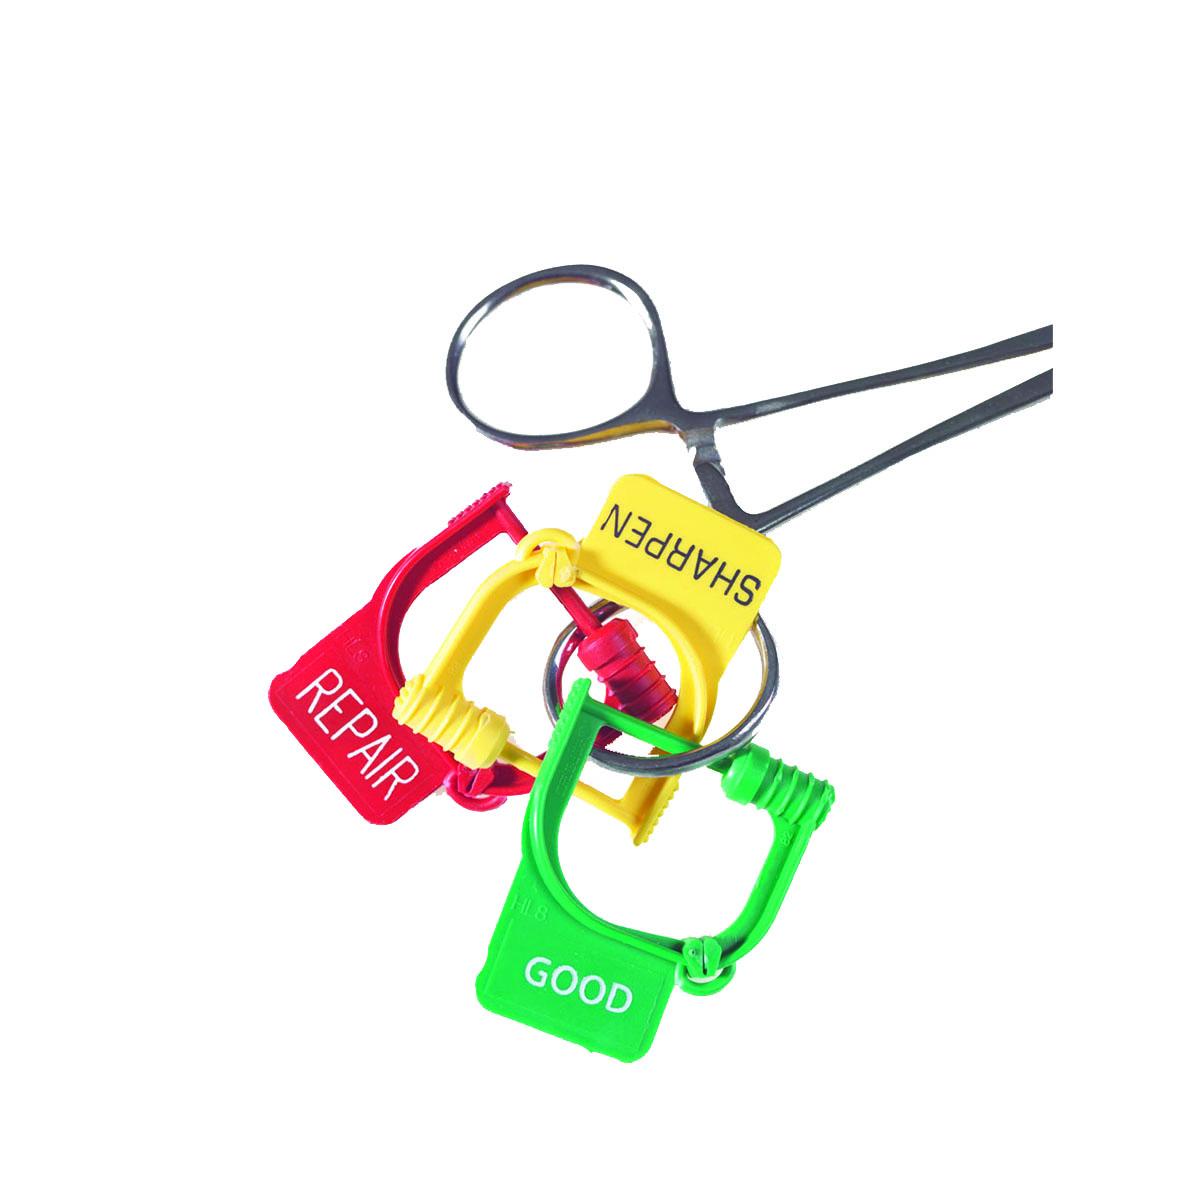 Locking Tags Image